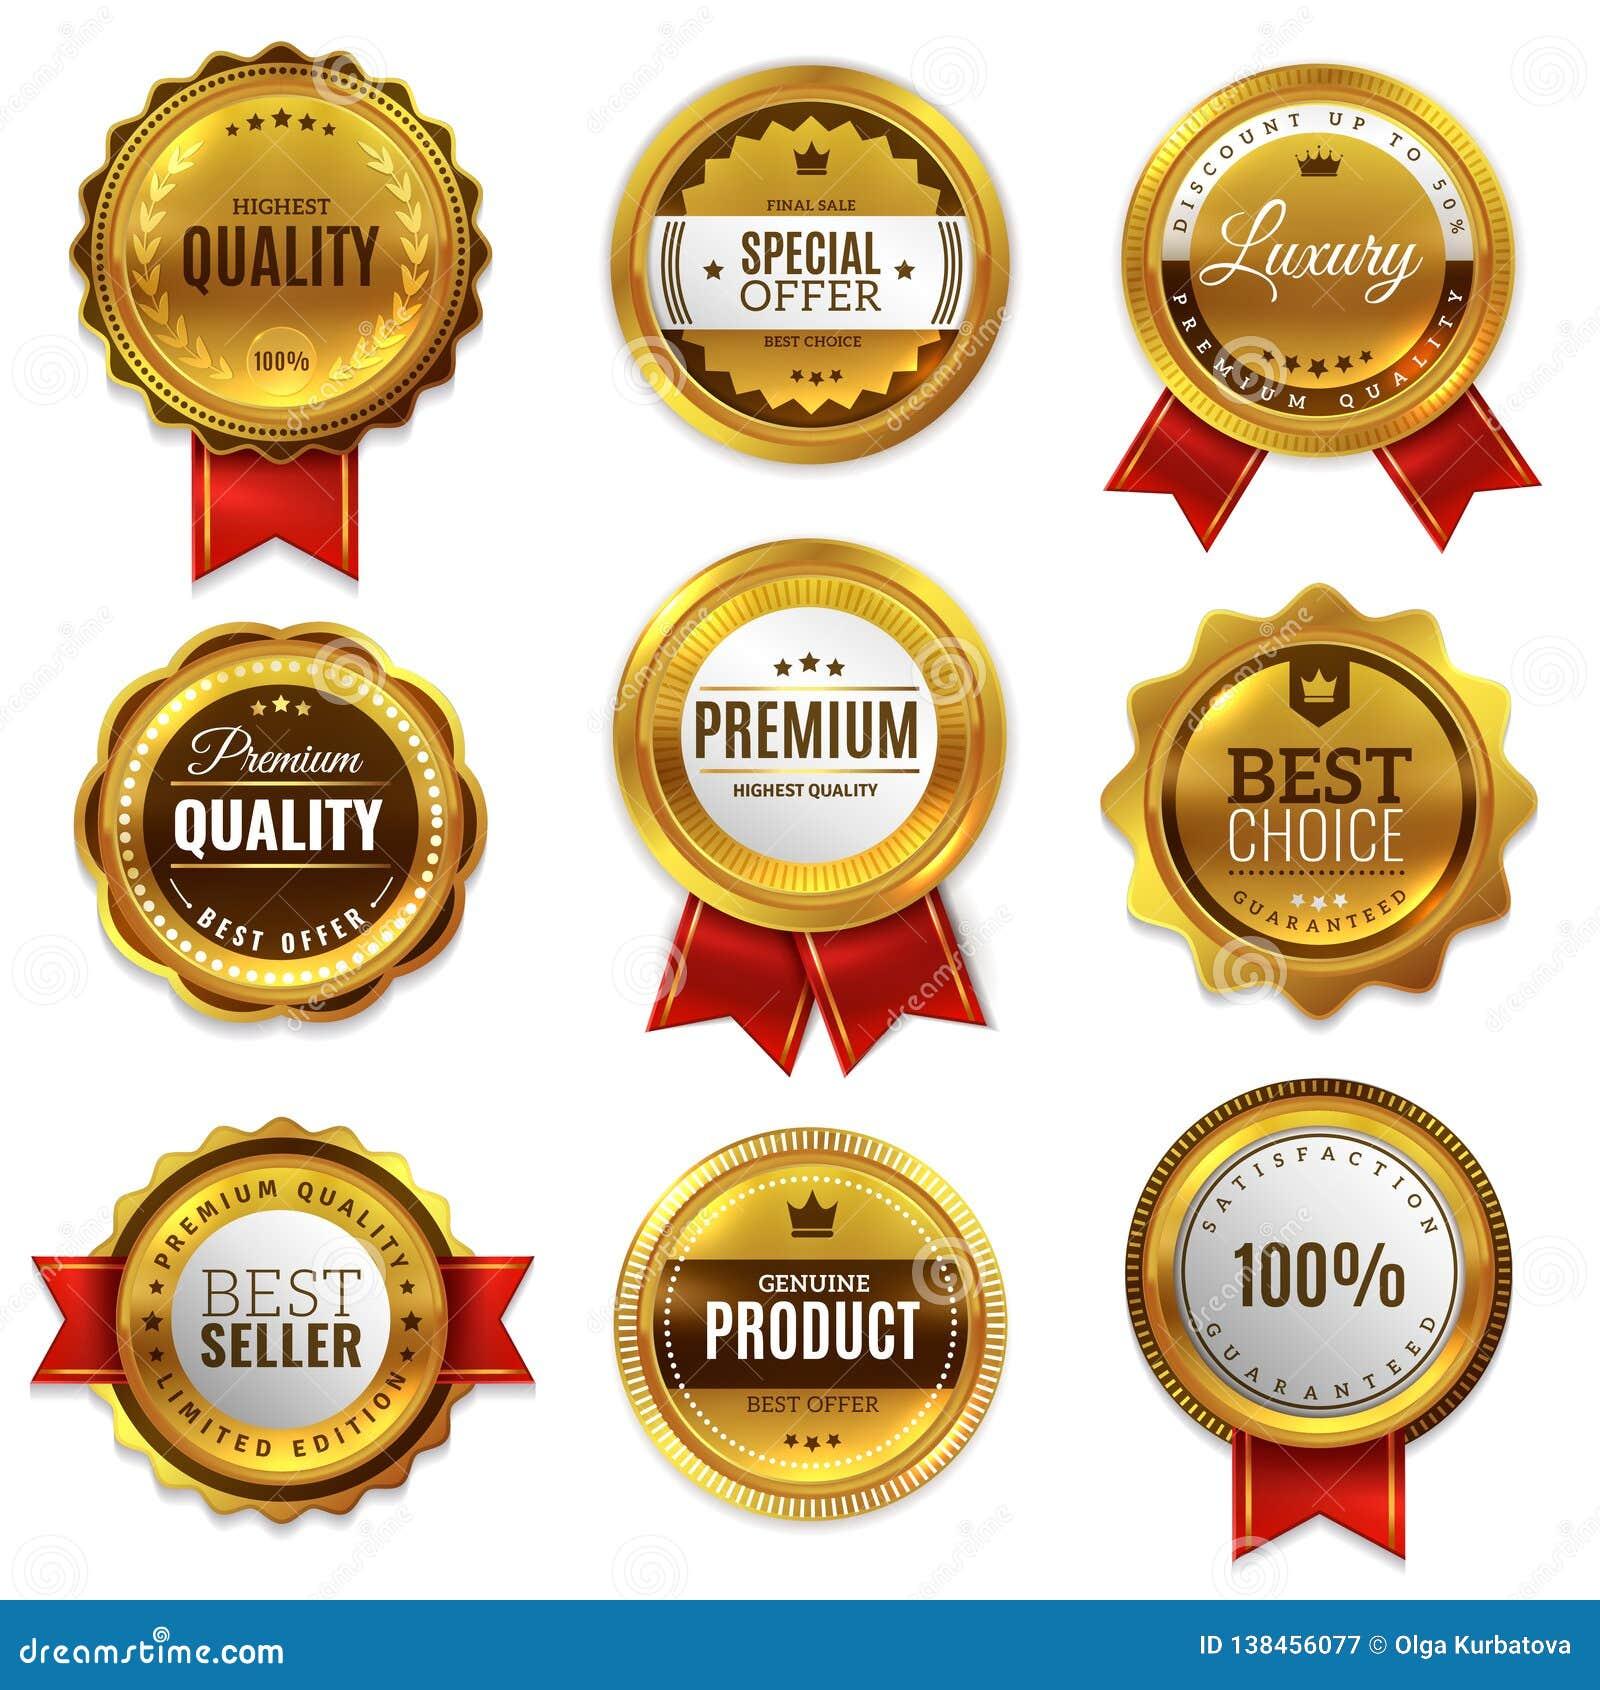 Χρυσές ποιοτικές ετικέτες σφραγίδων διακριτικών Χρυσή γνήσια εγγύηση εμβλημάτων γραμματοσήμων ασφαλίστρου διακριτικών μεταλλίων π